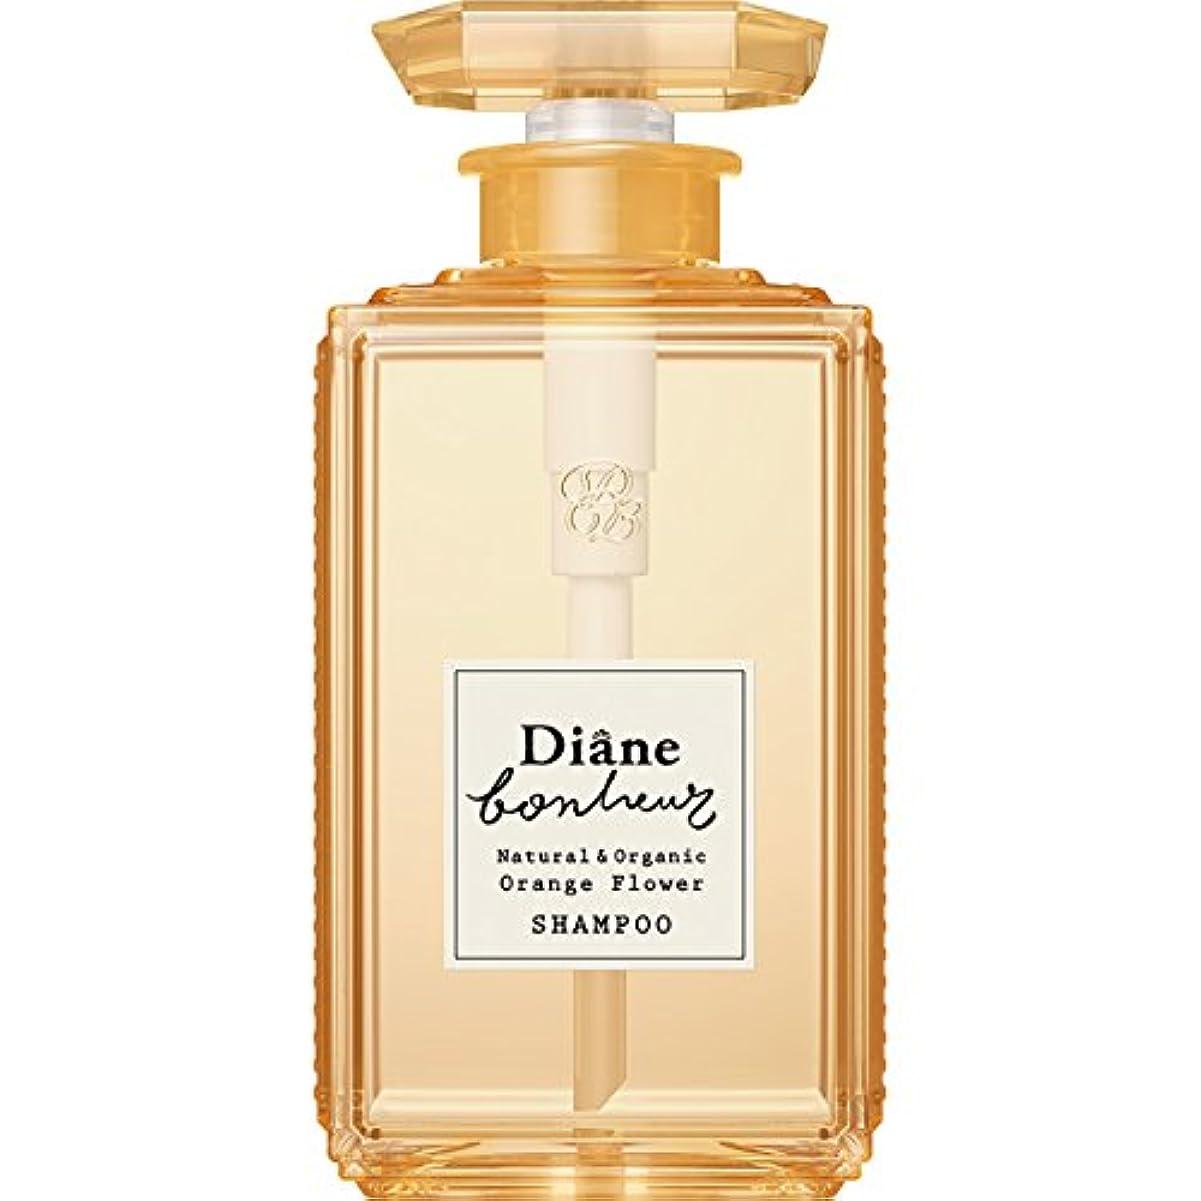 無数の実施する金曜日ダイアン ボヌール オレンジフラワーの香り モイストリラックス シャンプー 500ml